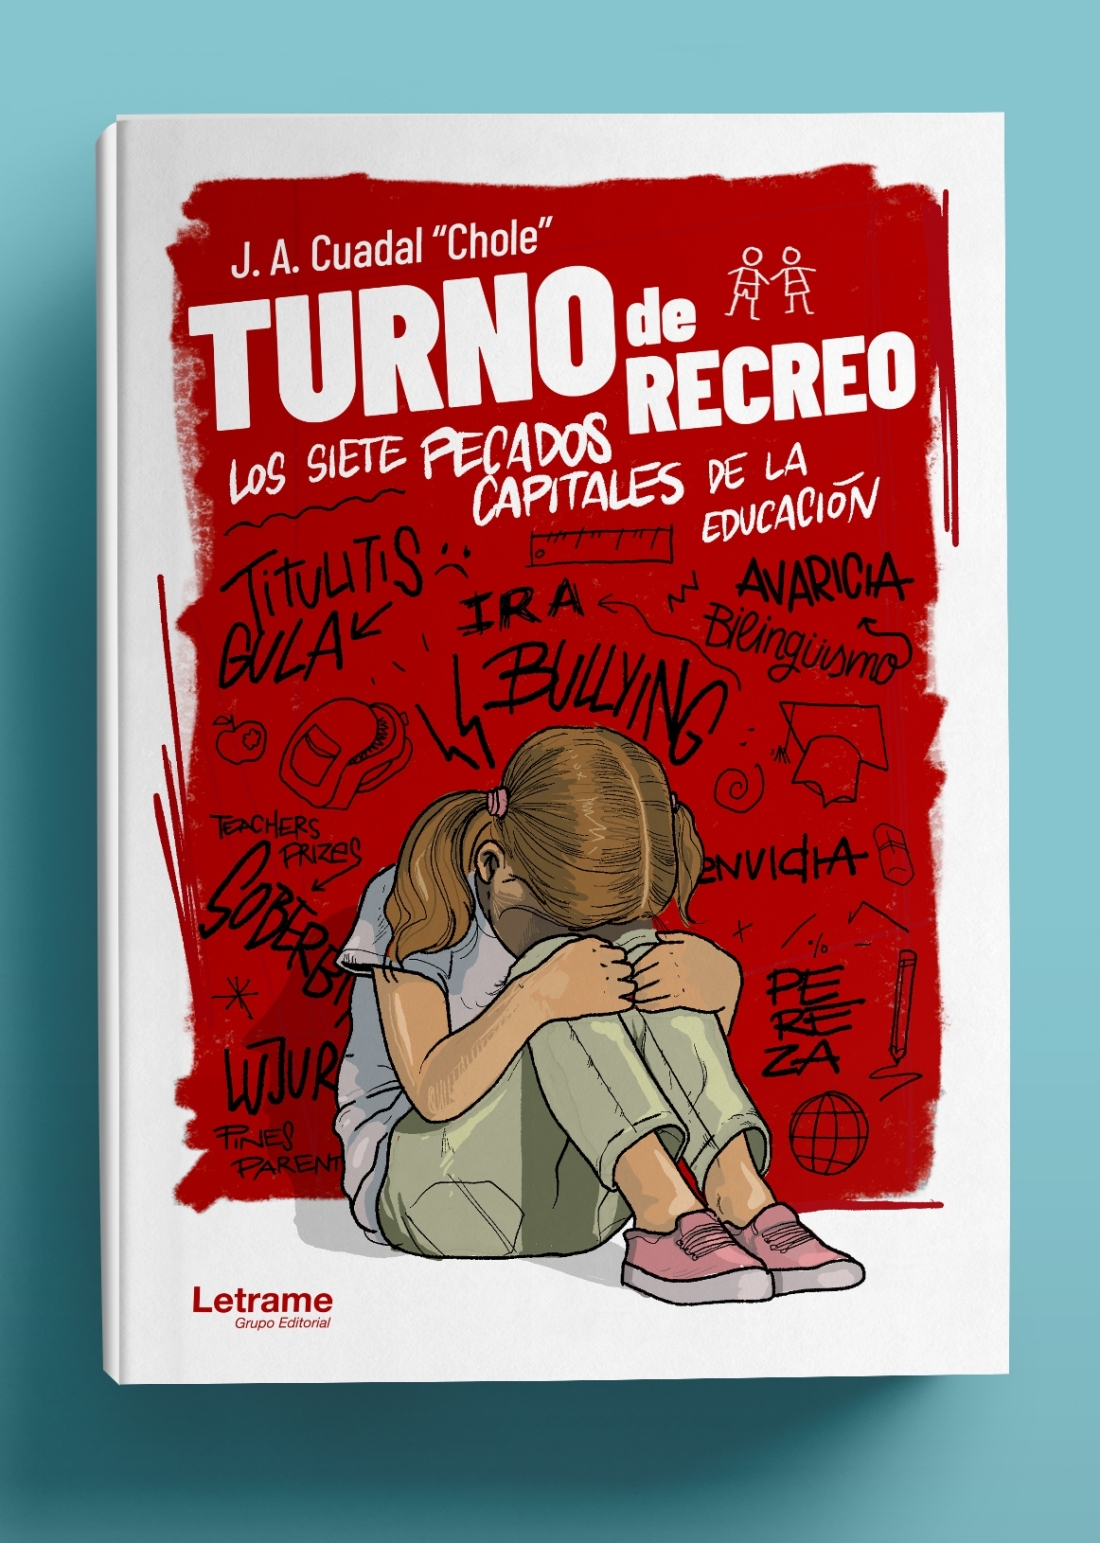 Turno de Recreo LIBRO rect.